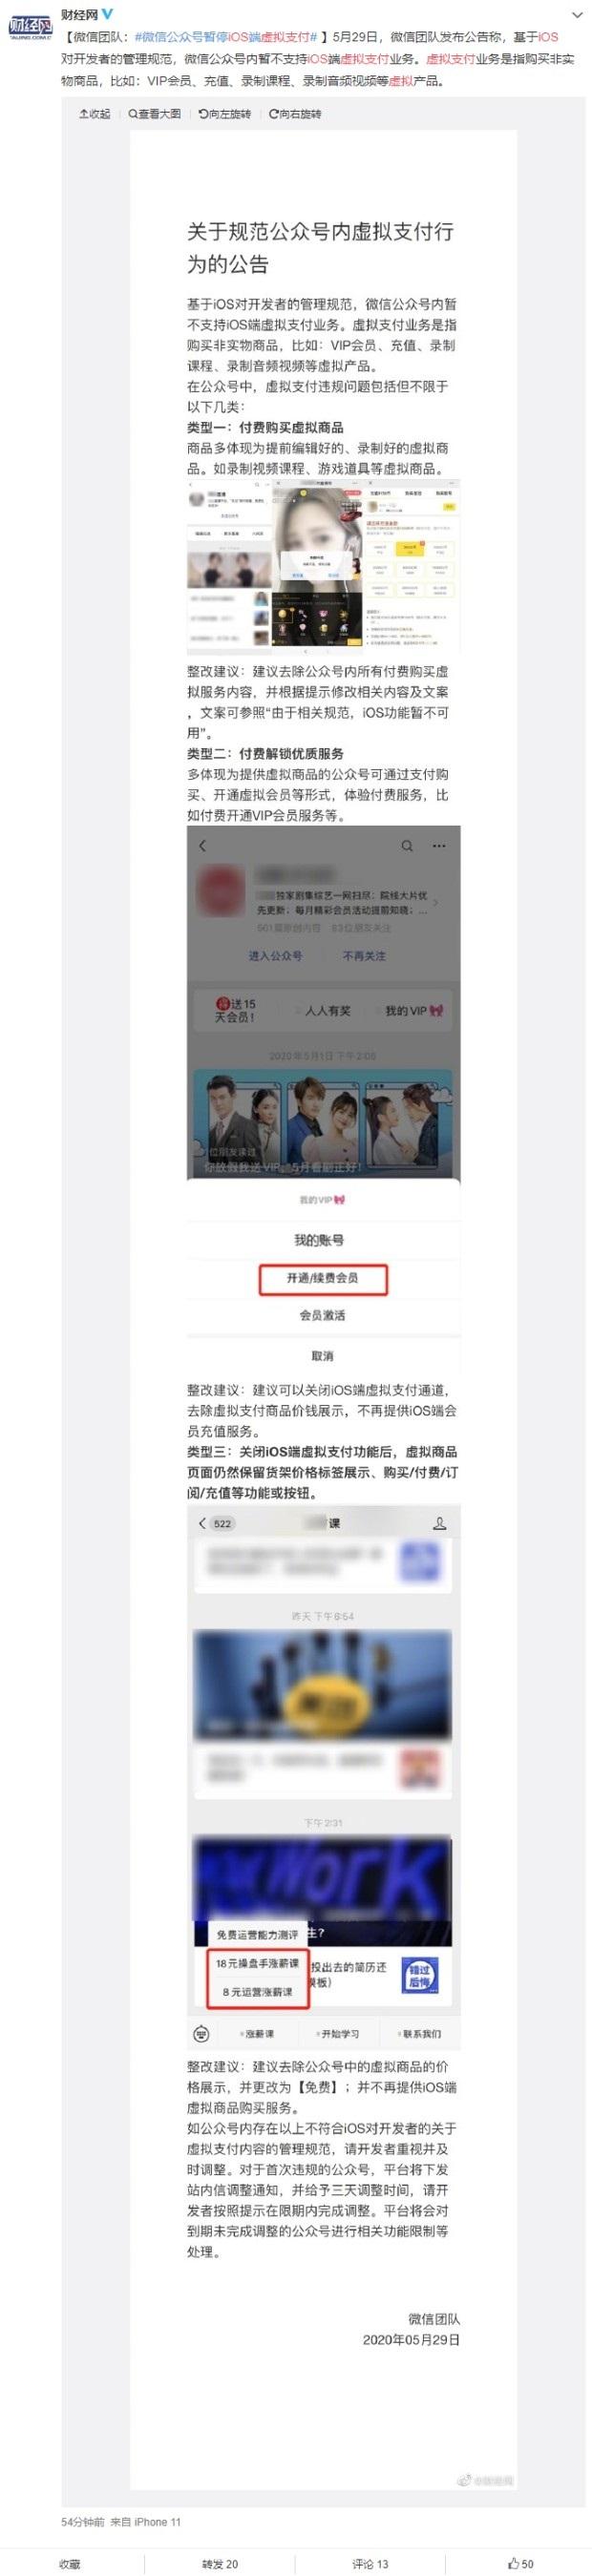 微信团队:微信公众号暂停 iOS 端虚拟支付